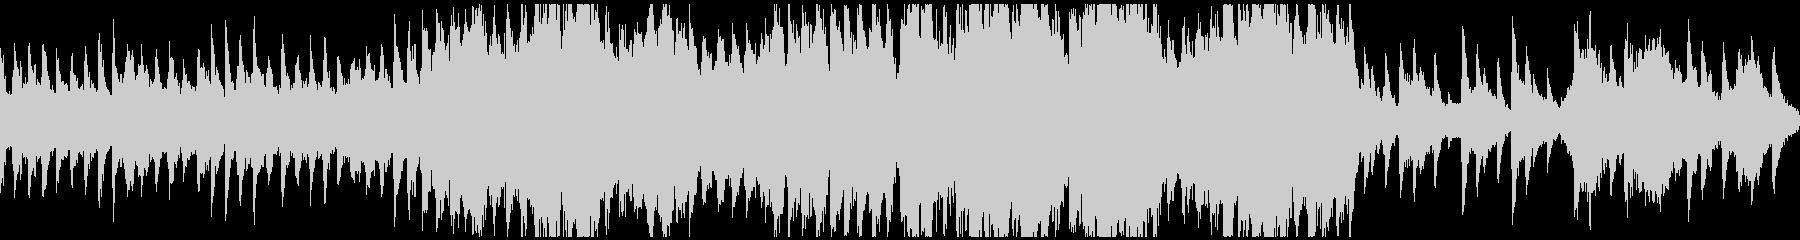 バイオリン/神秘/森【ドラム無Ver】✨の未再生の波形